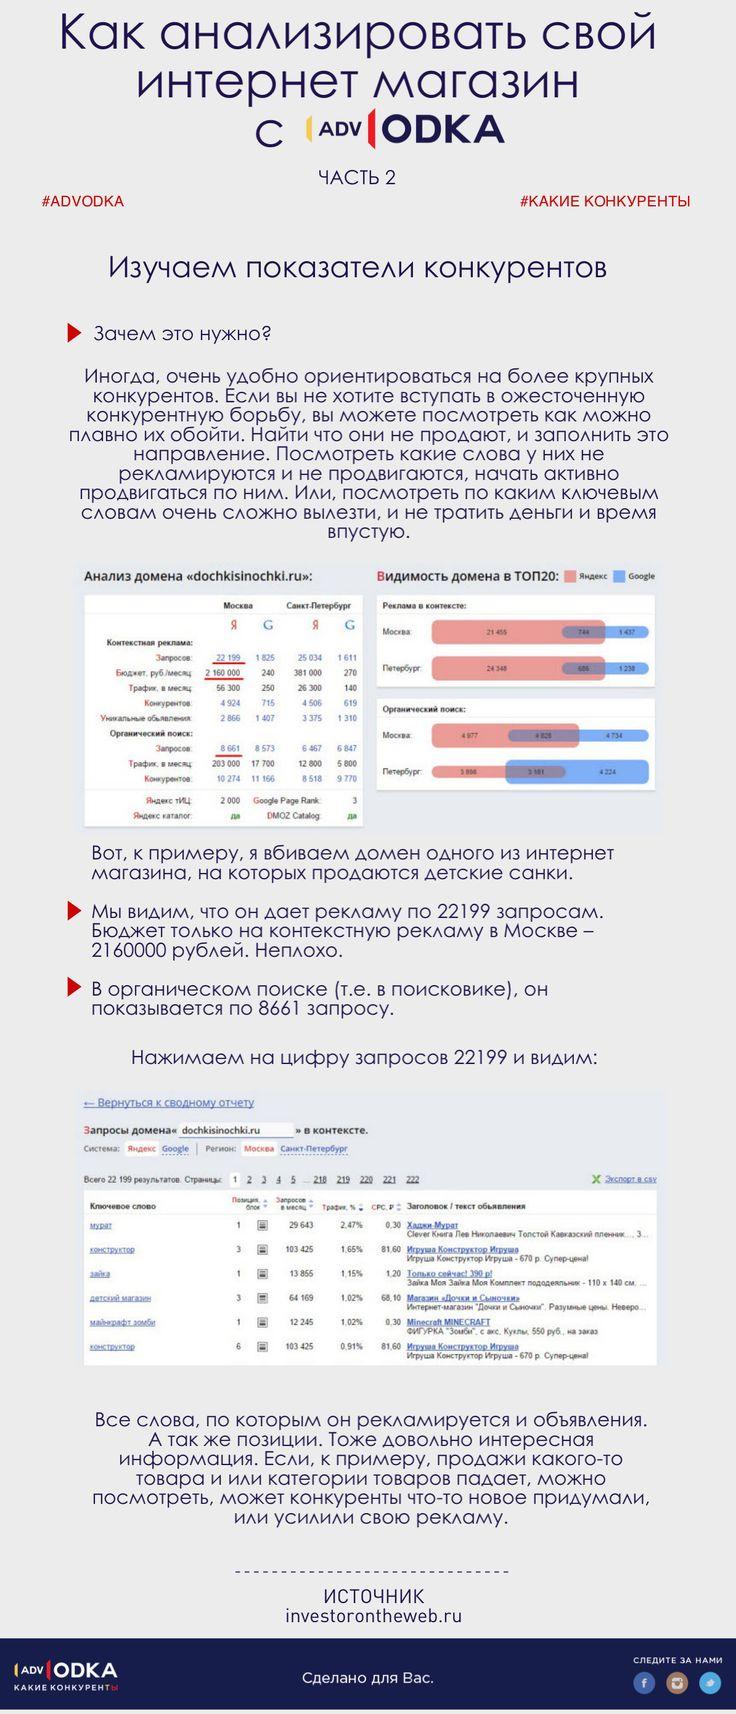 Как анализировать свой интернет-магазин с #advodka. Часть 2: изучаем показатели конкурентов.  #seo #marketing #business #social #content #education #website #web #analytics